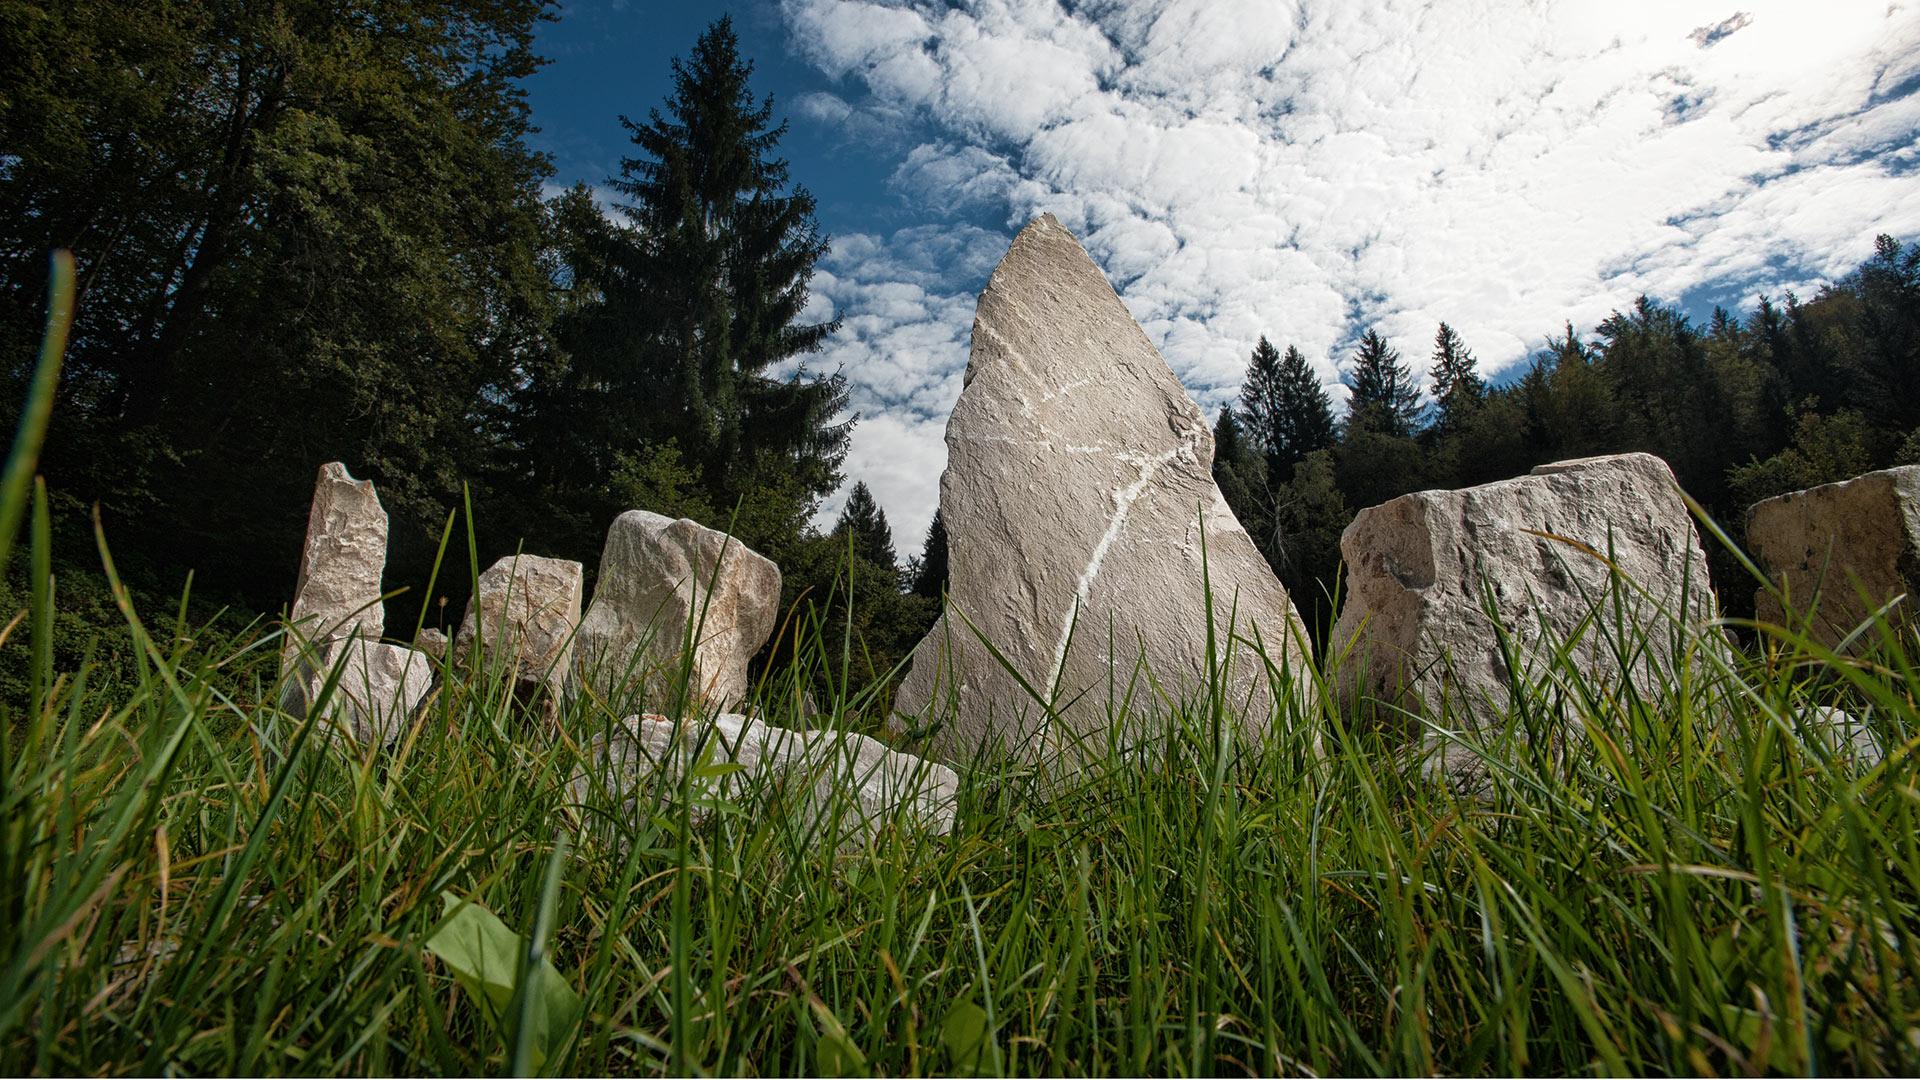 energijski park Manas, natural healing park, zdravilno kamenje, zdravljenje z bioenergijo, energijske točke, energetske točke